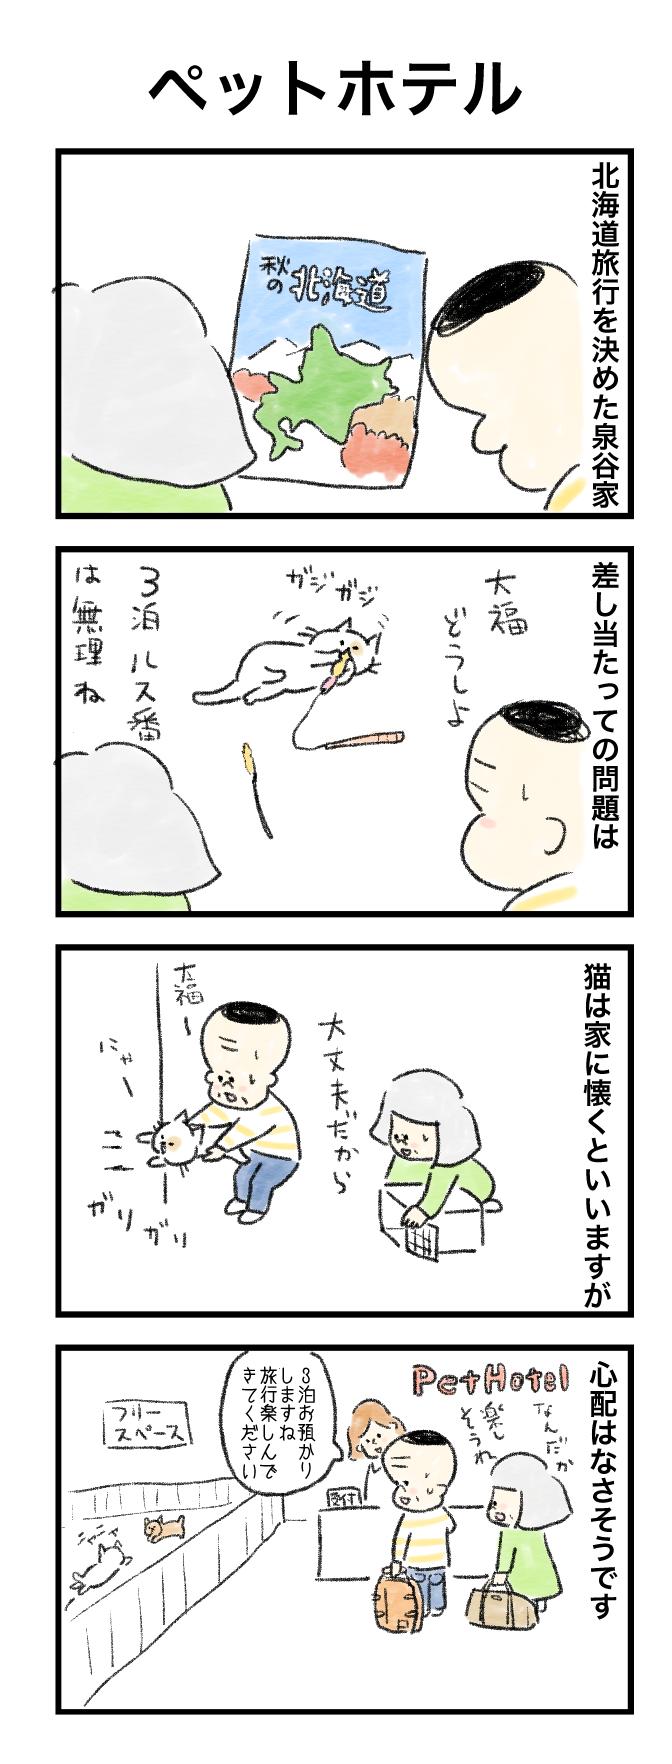 今日の泉谷さん【54】 作:カワサキヒロシ「ペットホテル」